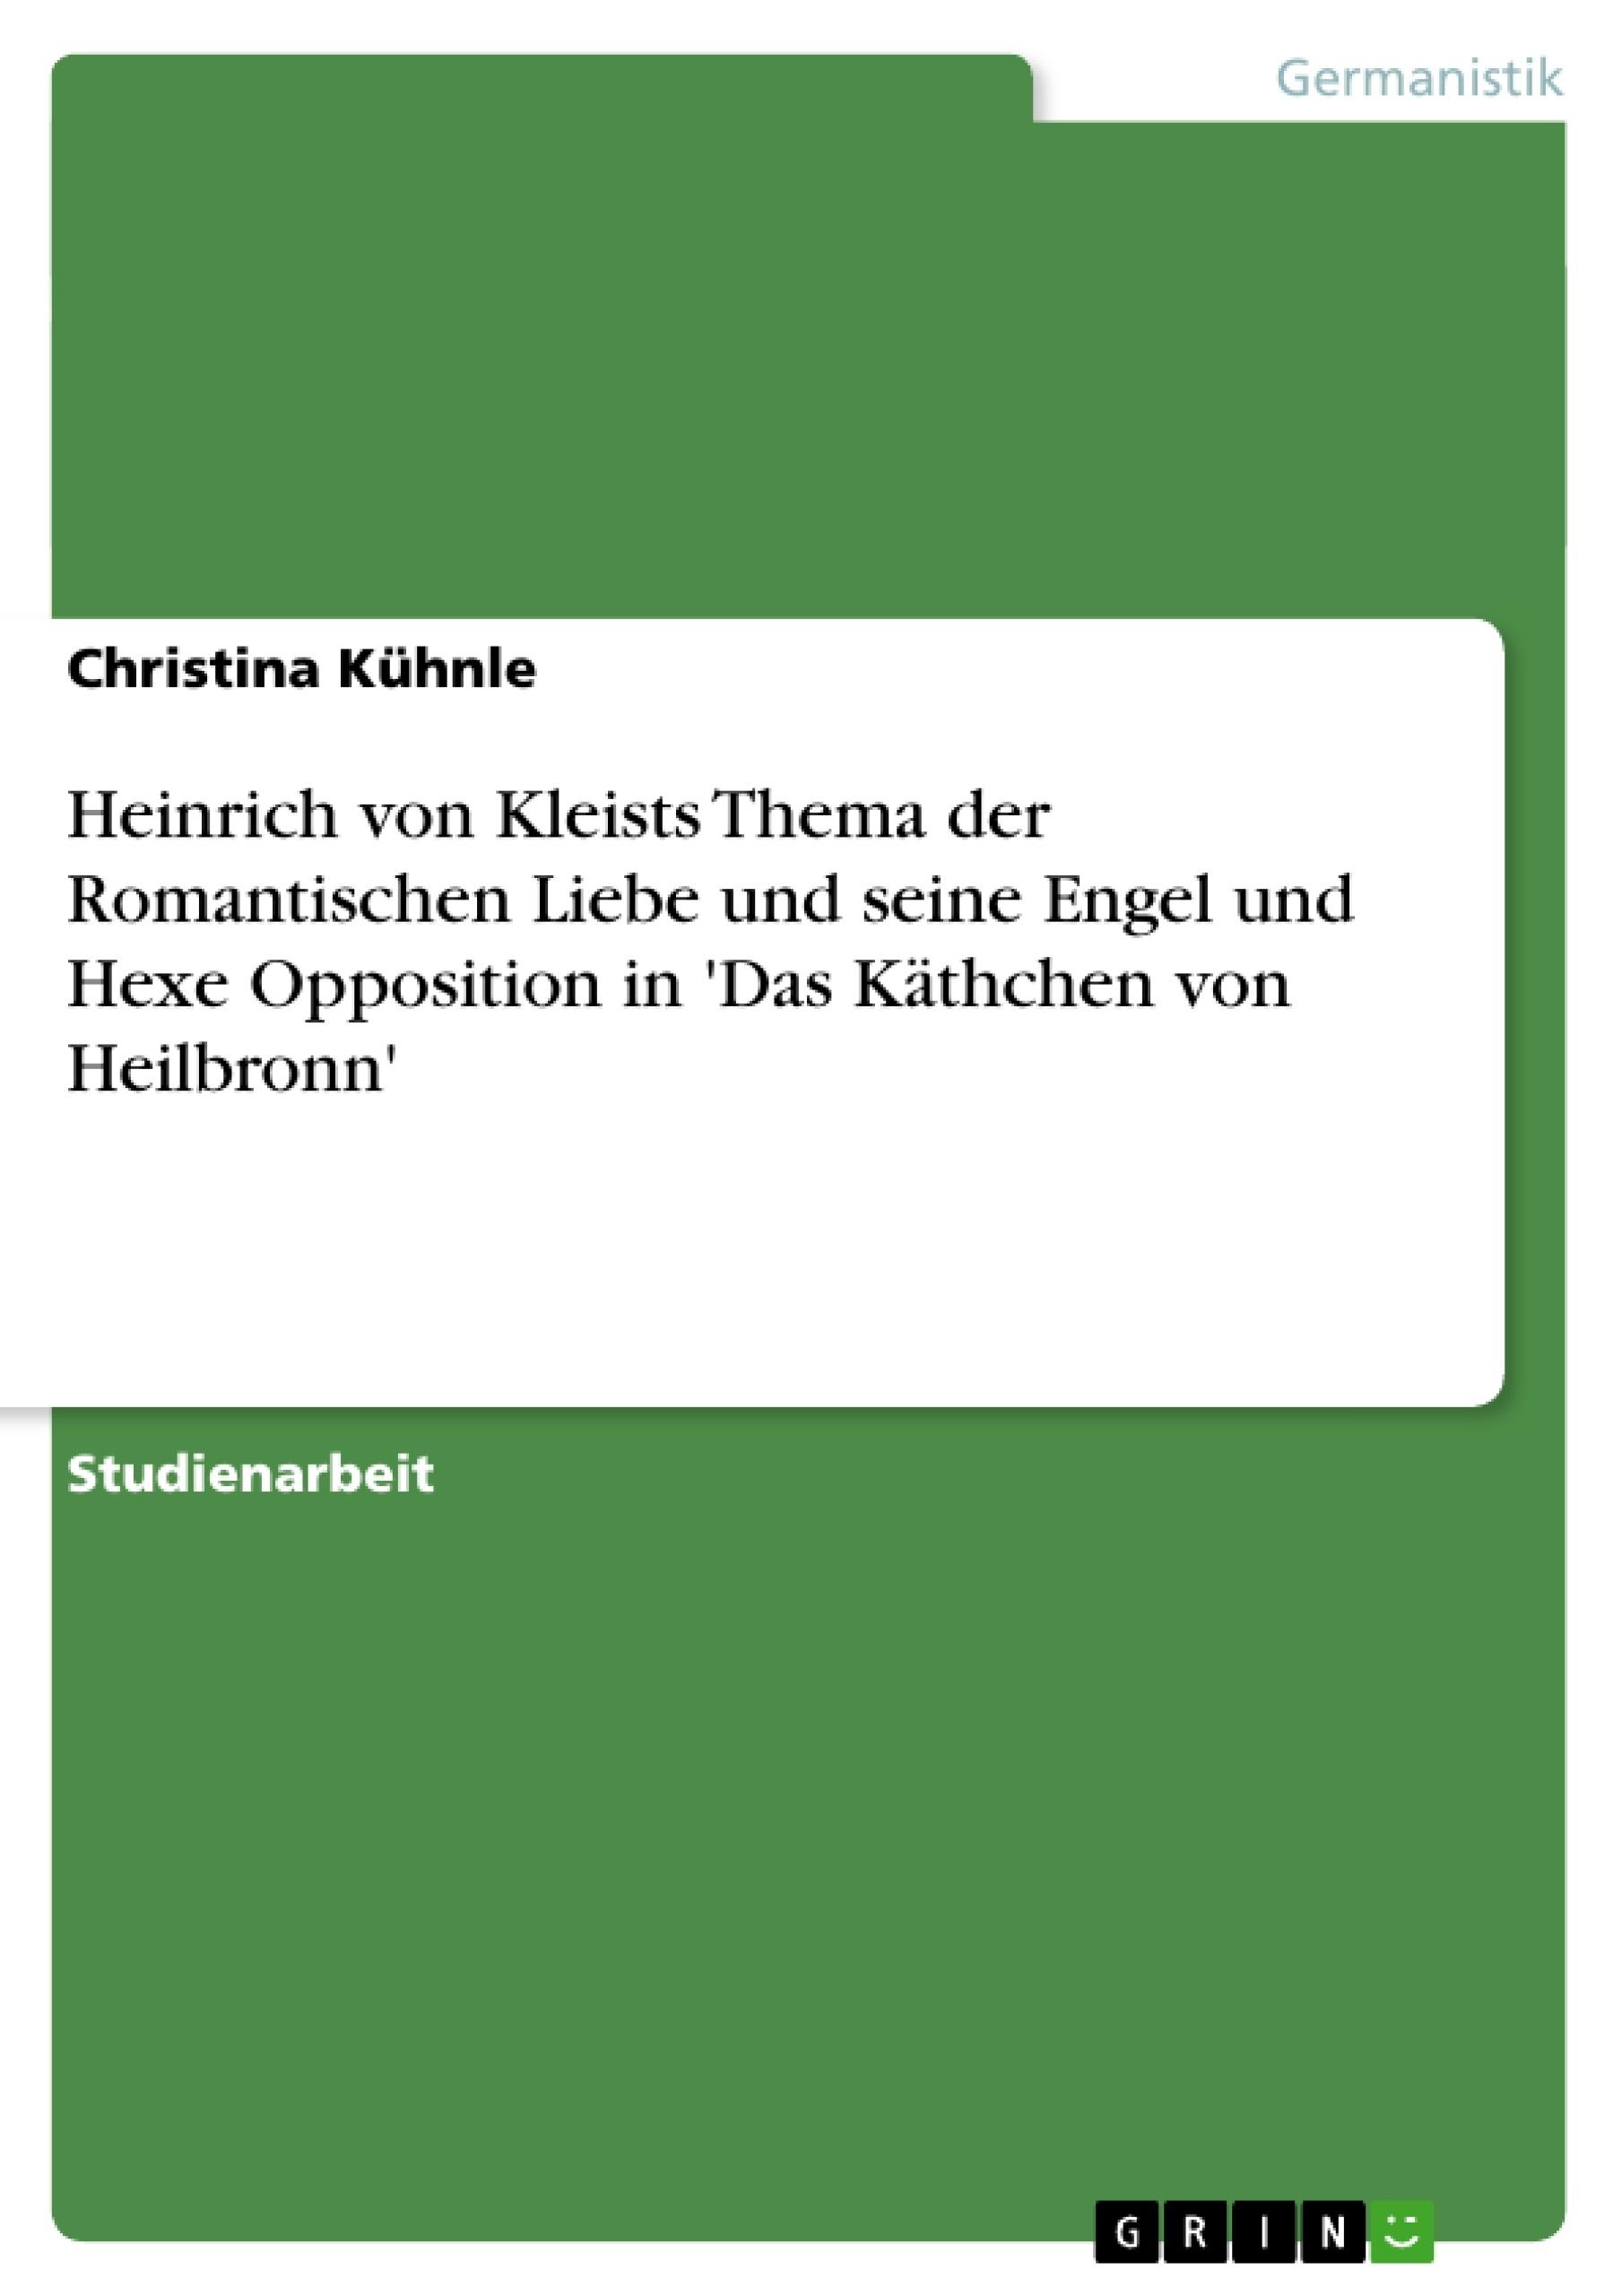 Titel: Heinrich von Kleists Thema der Romantischen Liebe und seine Engel und Hexe Opposition in 'Das Käthchen von Heilbronn'